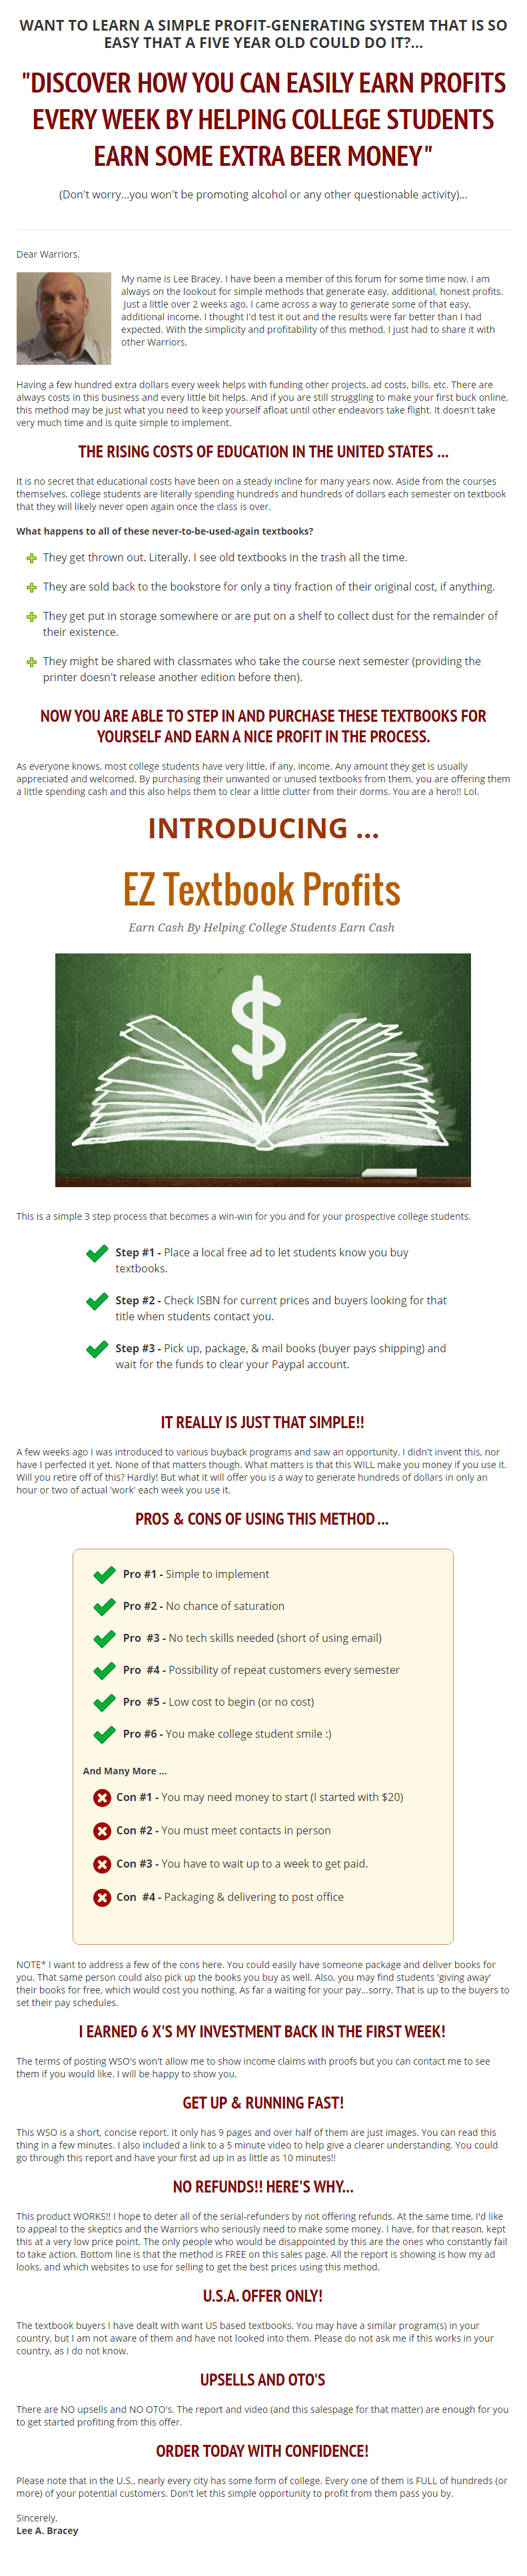 20170531064225491 - 在90分钟的简单工作中,我是如何把$50刀变成$300刀的!(EZ Textbook Profits)